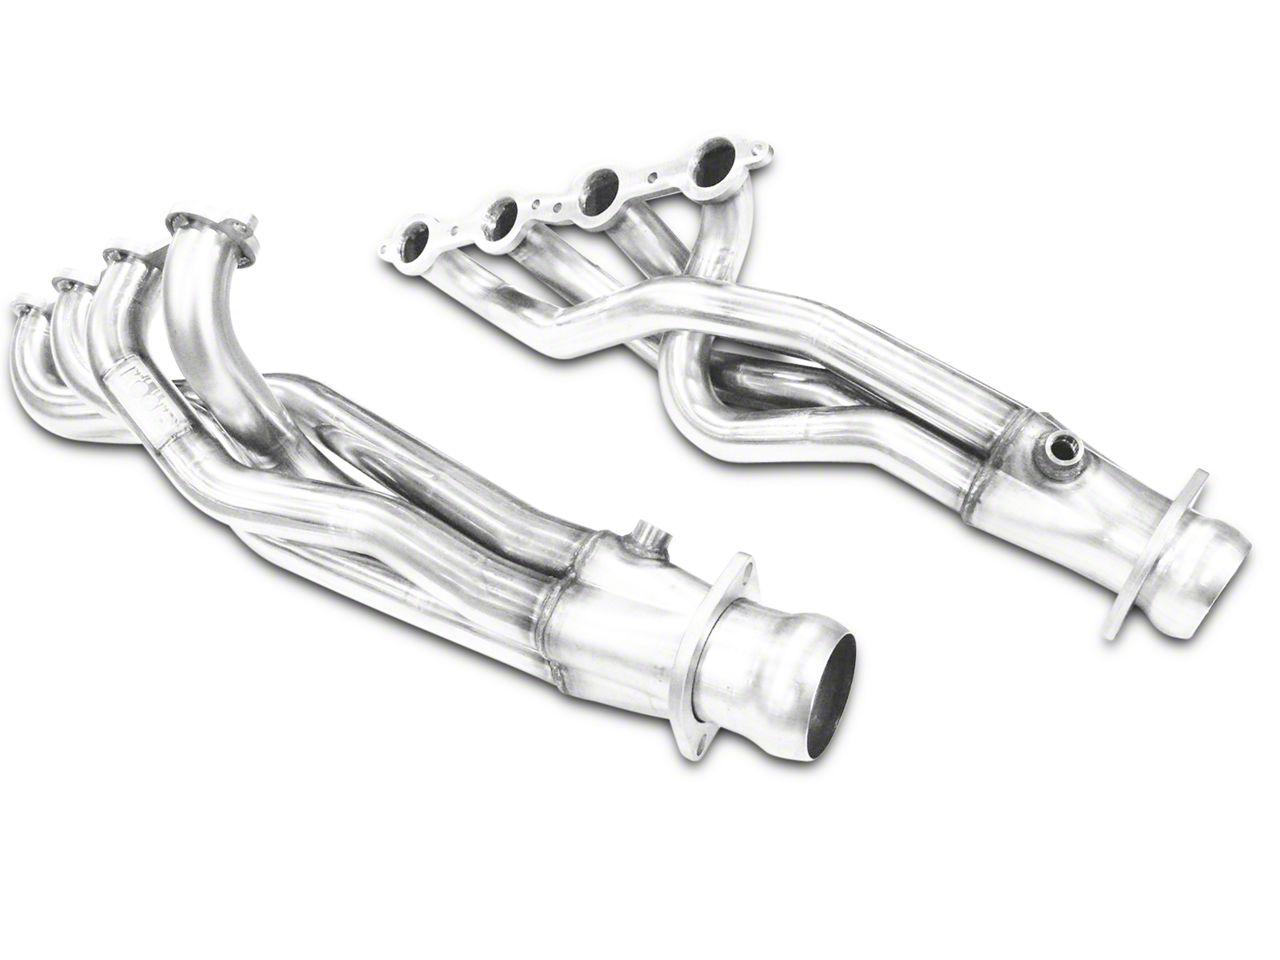 Kooks 1-3/4 in. Long Tube Headers (07-13 V8 Silverado 1500)